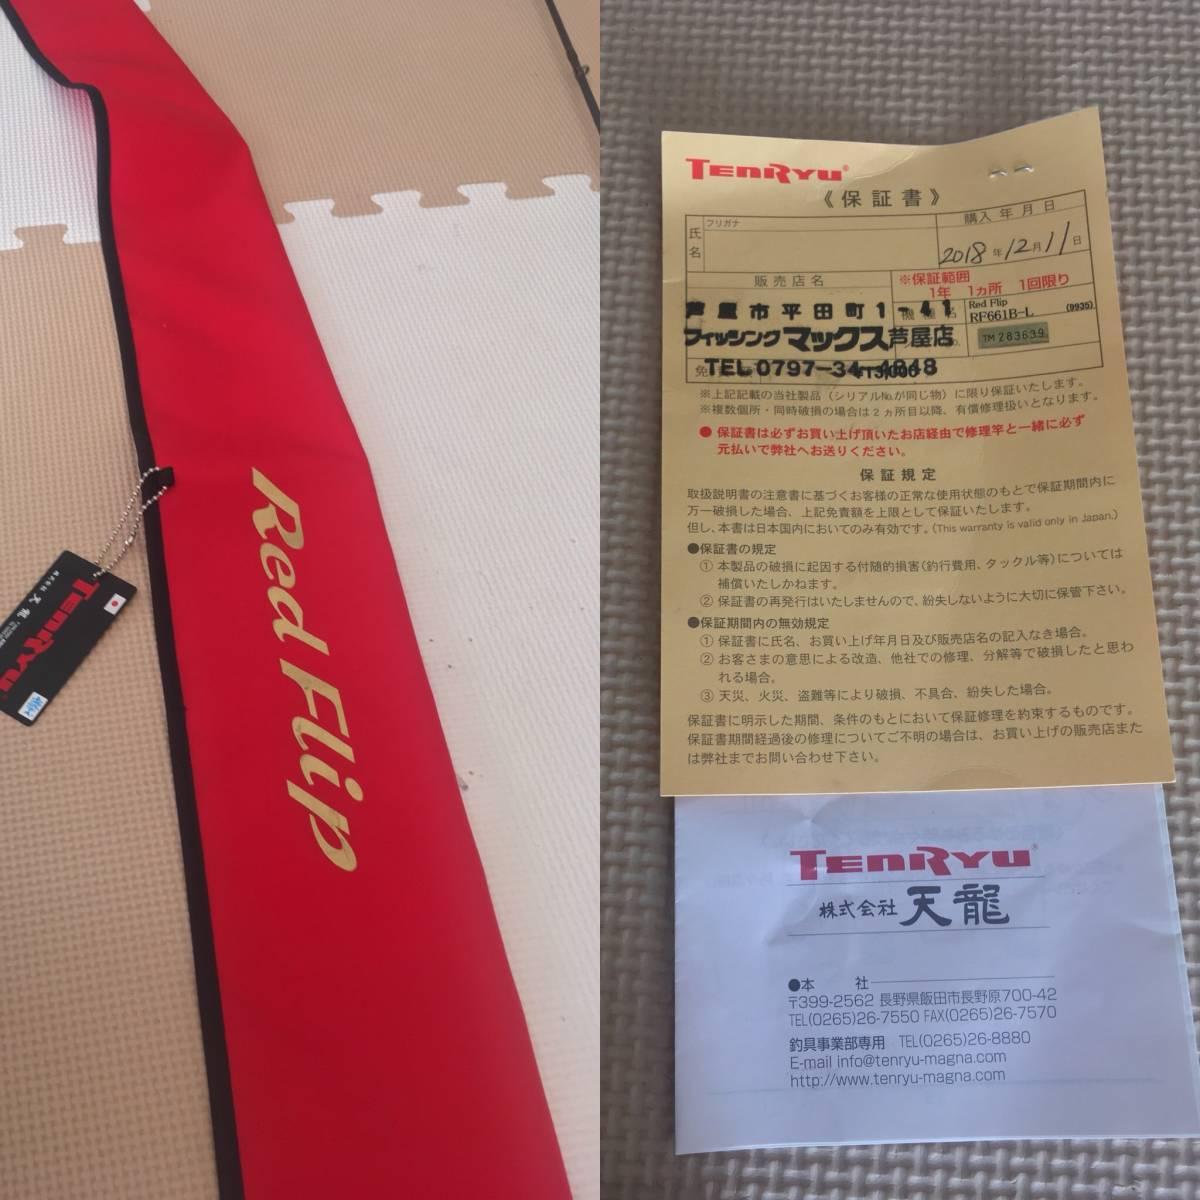 新品 TENRYU(テンリュウ)Red Flip(レッドフリップ) RF661B-L (TAI-RUBBER)  保証書・袋付 タイラバロッド-日本代购网图片10链接